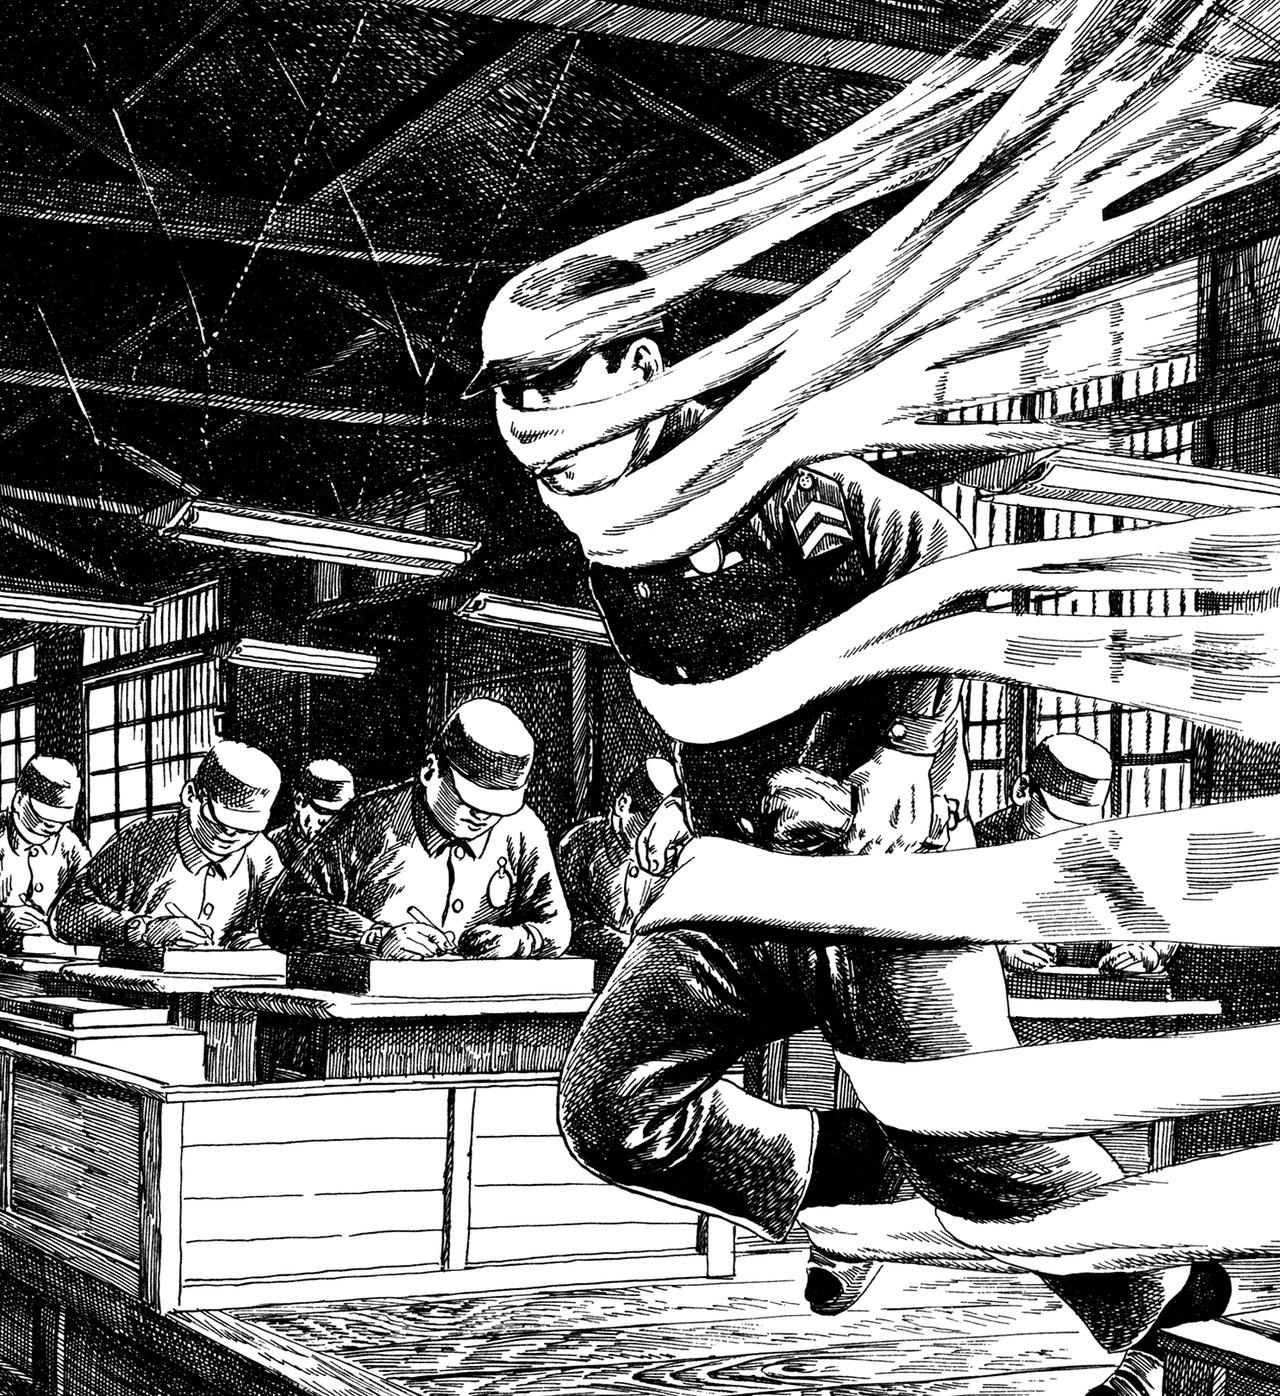 Une illustration tirée du « Dans la prison » de Hanawa ...